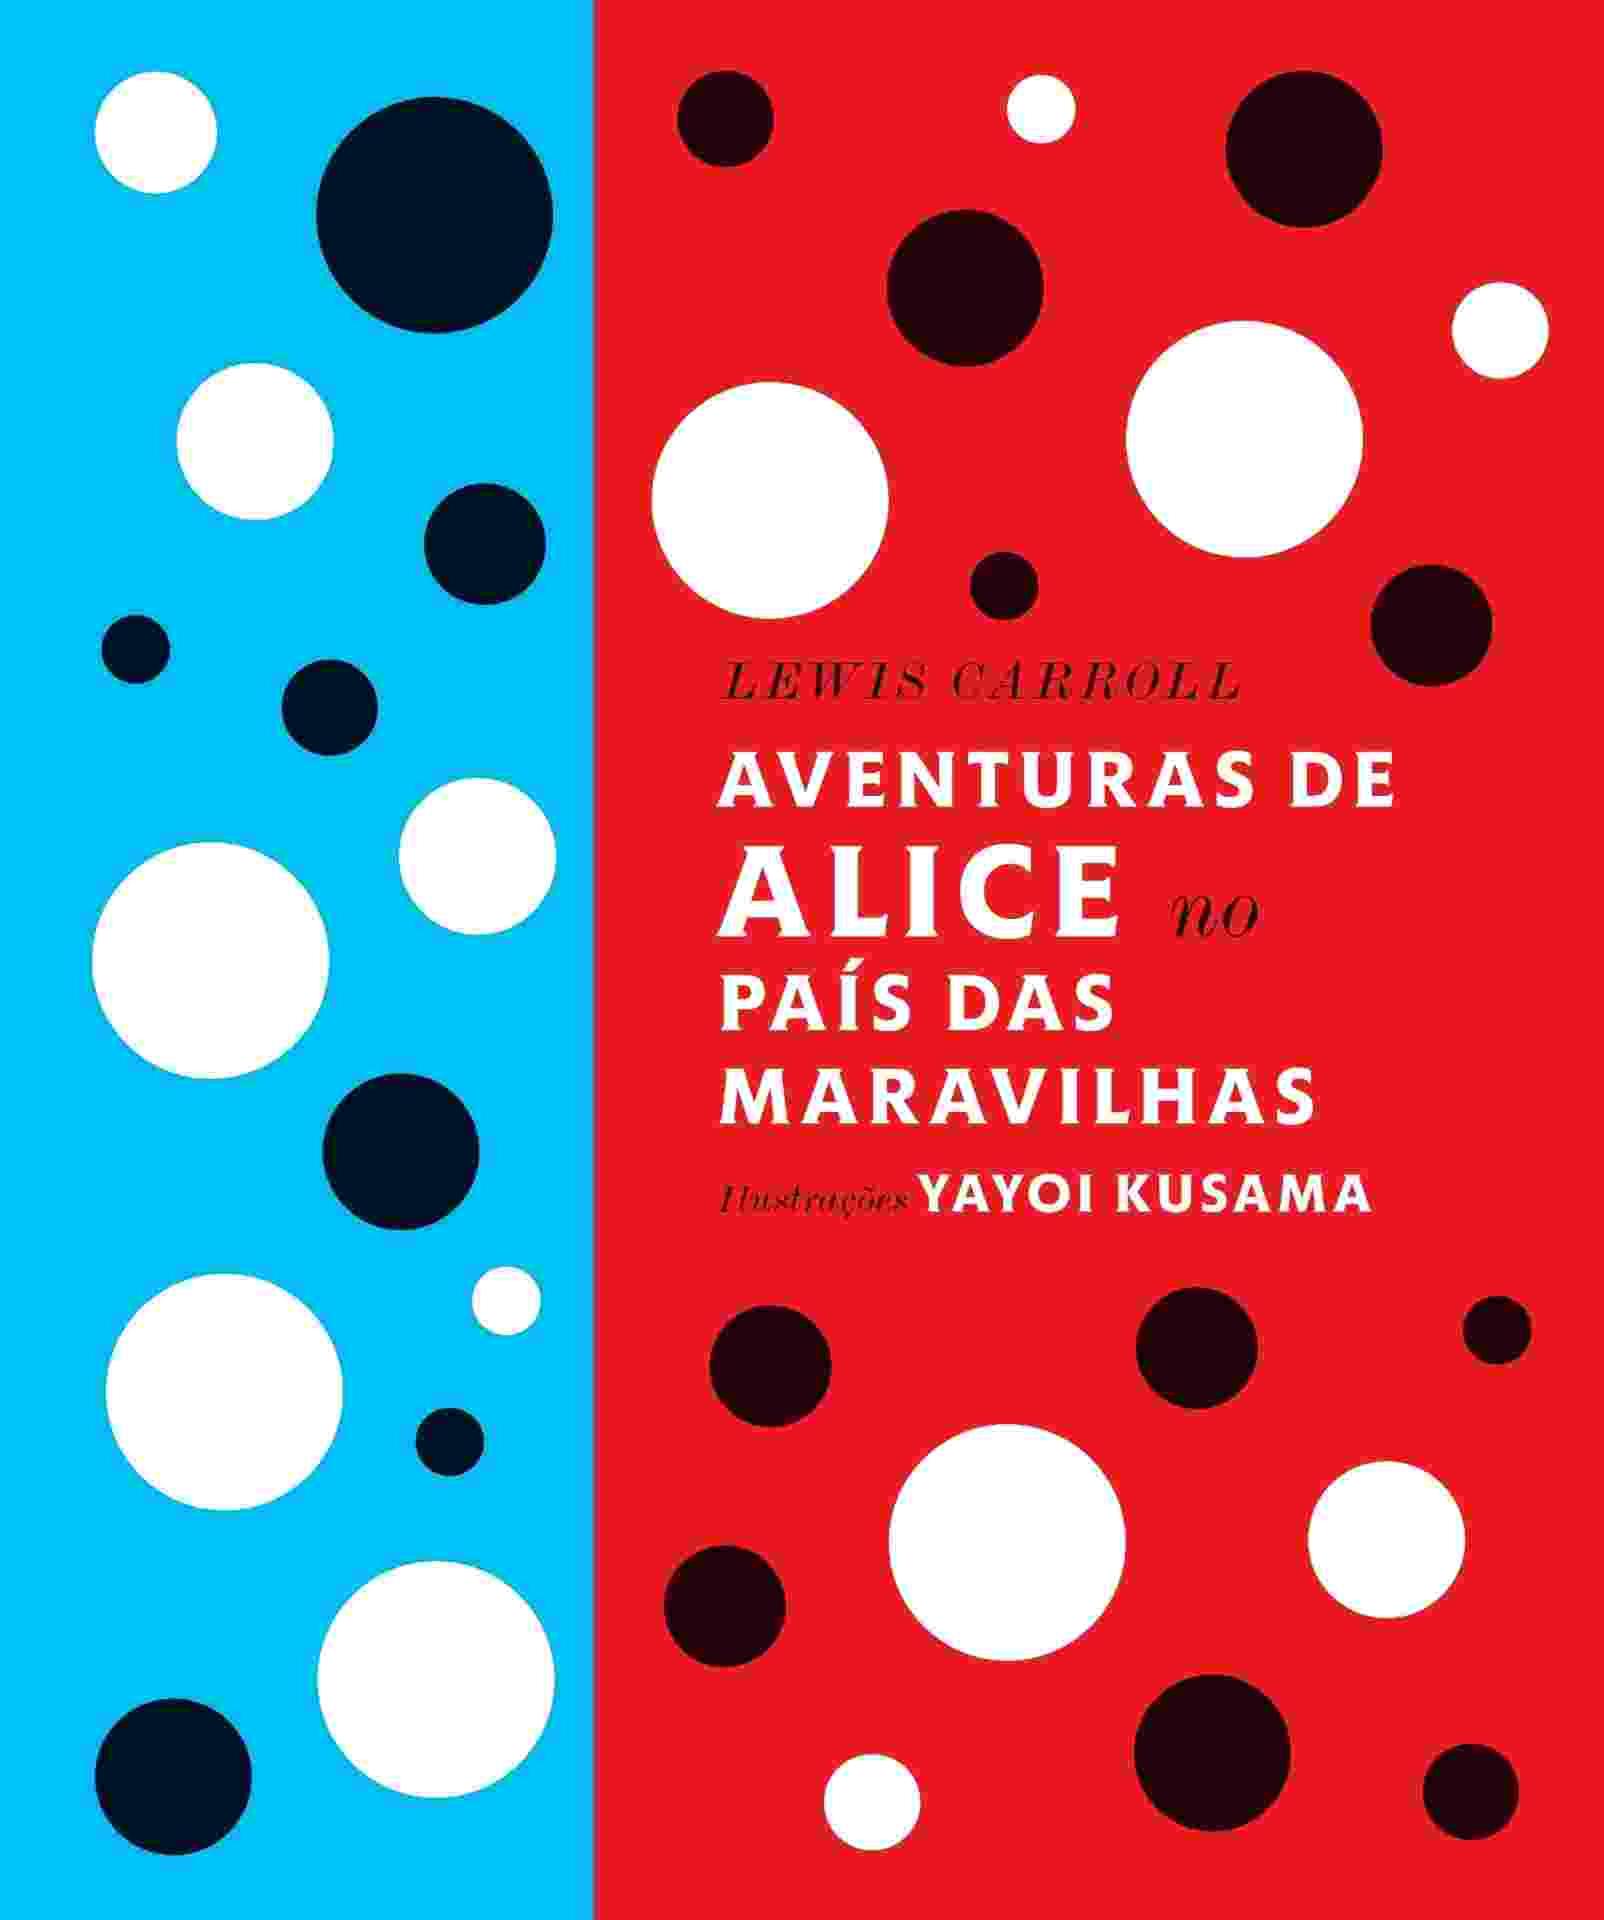 """Novo livro """"Aventuras de Alice no País das Maravilhas"""" é o encontro do escritor Lewis Carroll com artista Yayoi Kusama - Divulgação"""